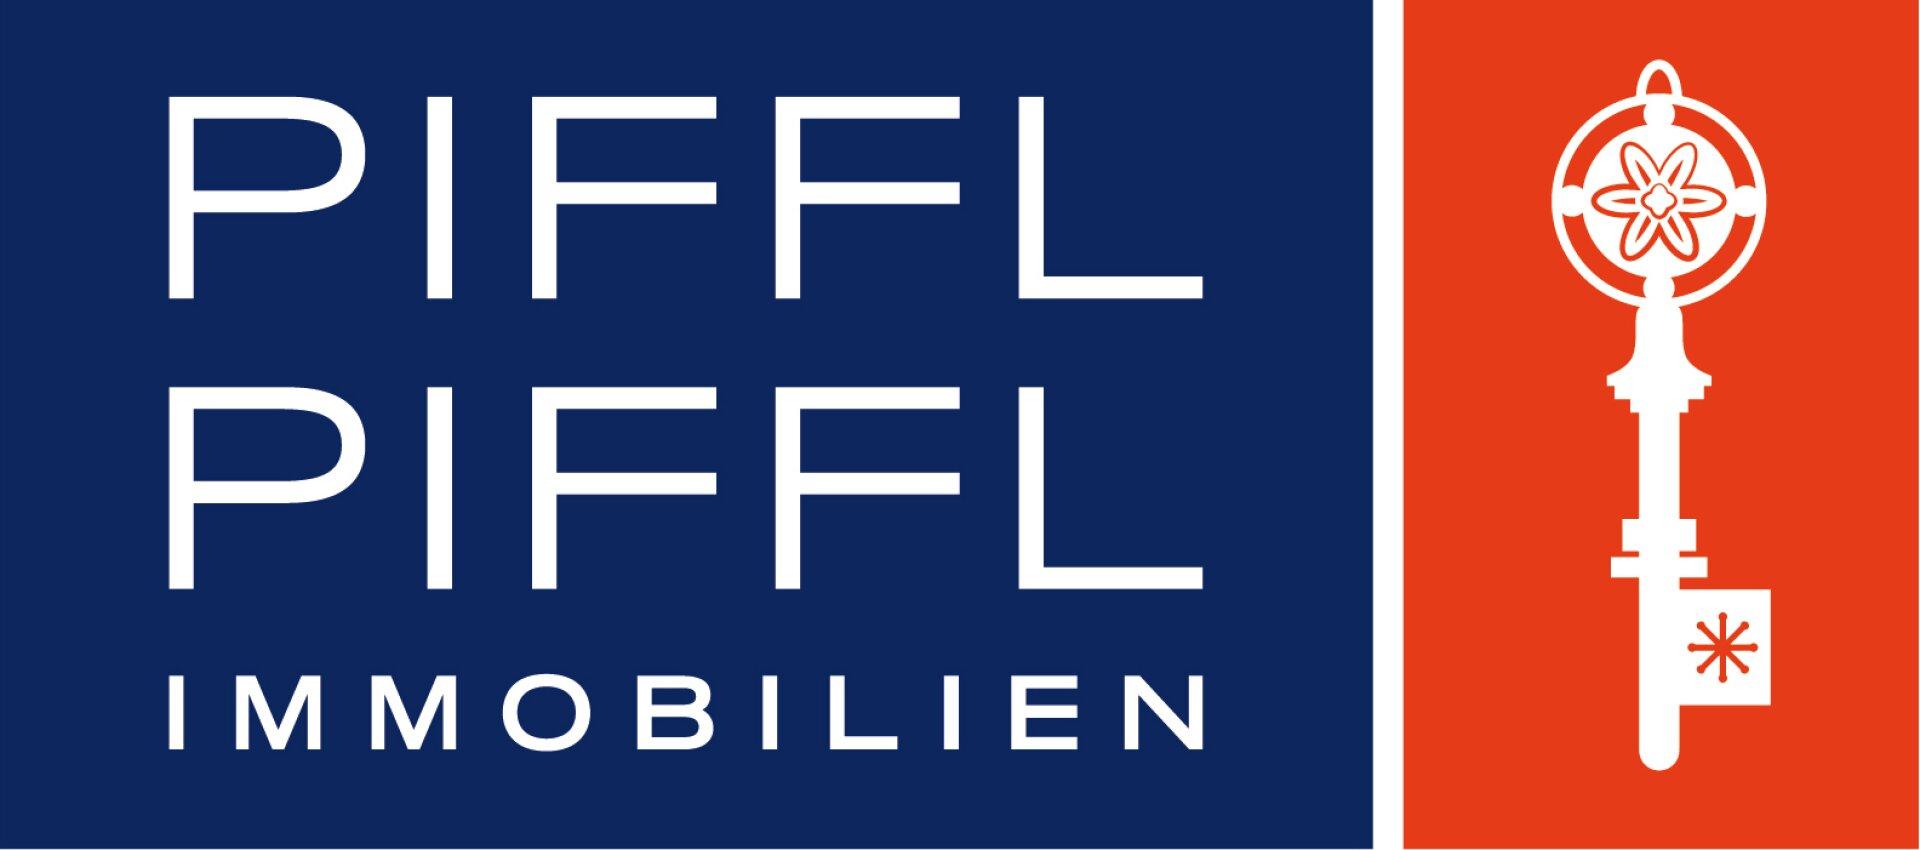 PIFFL & PIFFL Immobilien